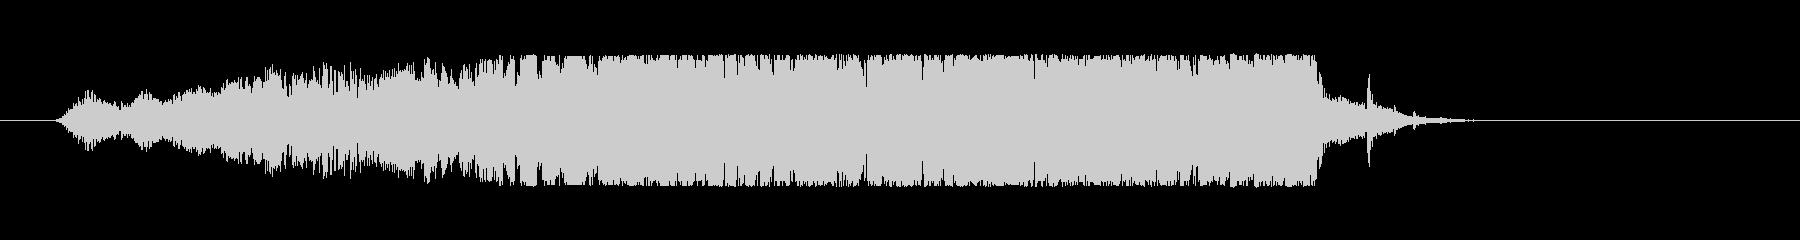 SC。レーシング;リビジョン、SC...の未再生の波形